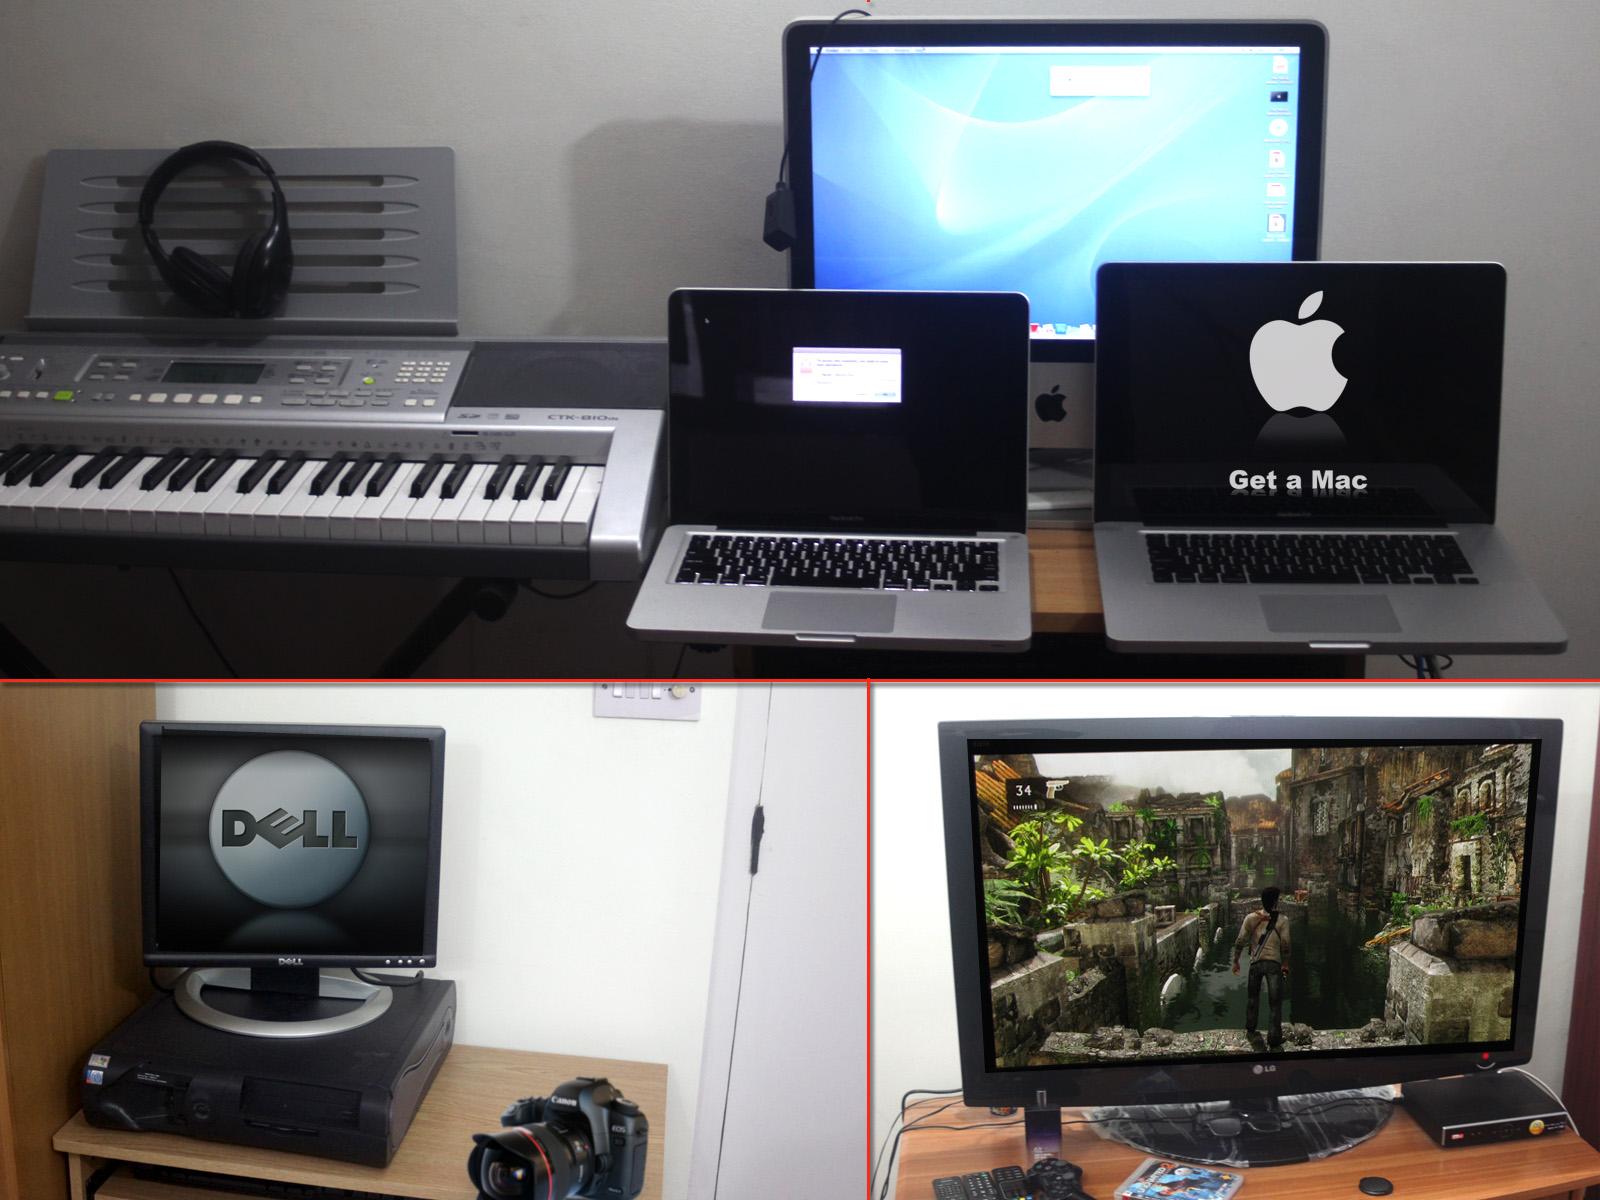 The New MacBook Pro Lineup, 2010 Wallpaper Macbook Pro 15, Apple Macbook Pro 13 3 4G